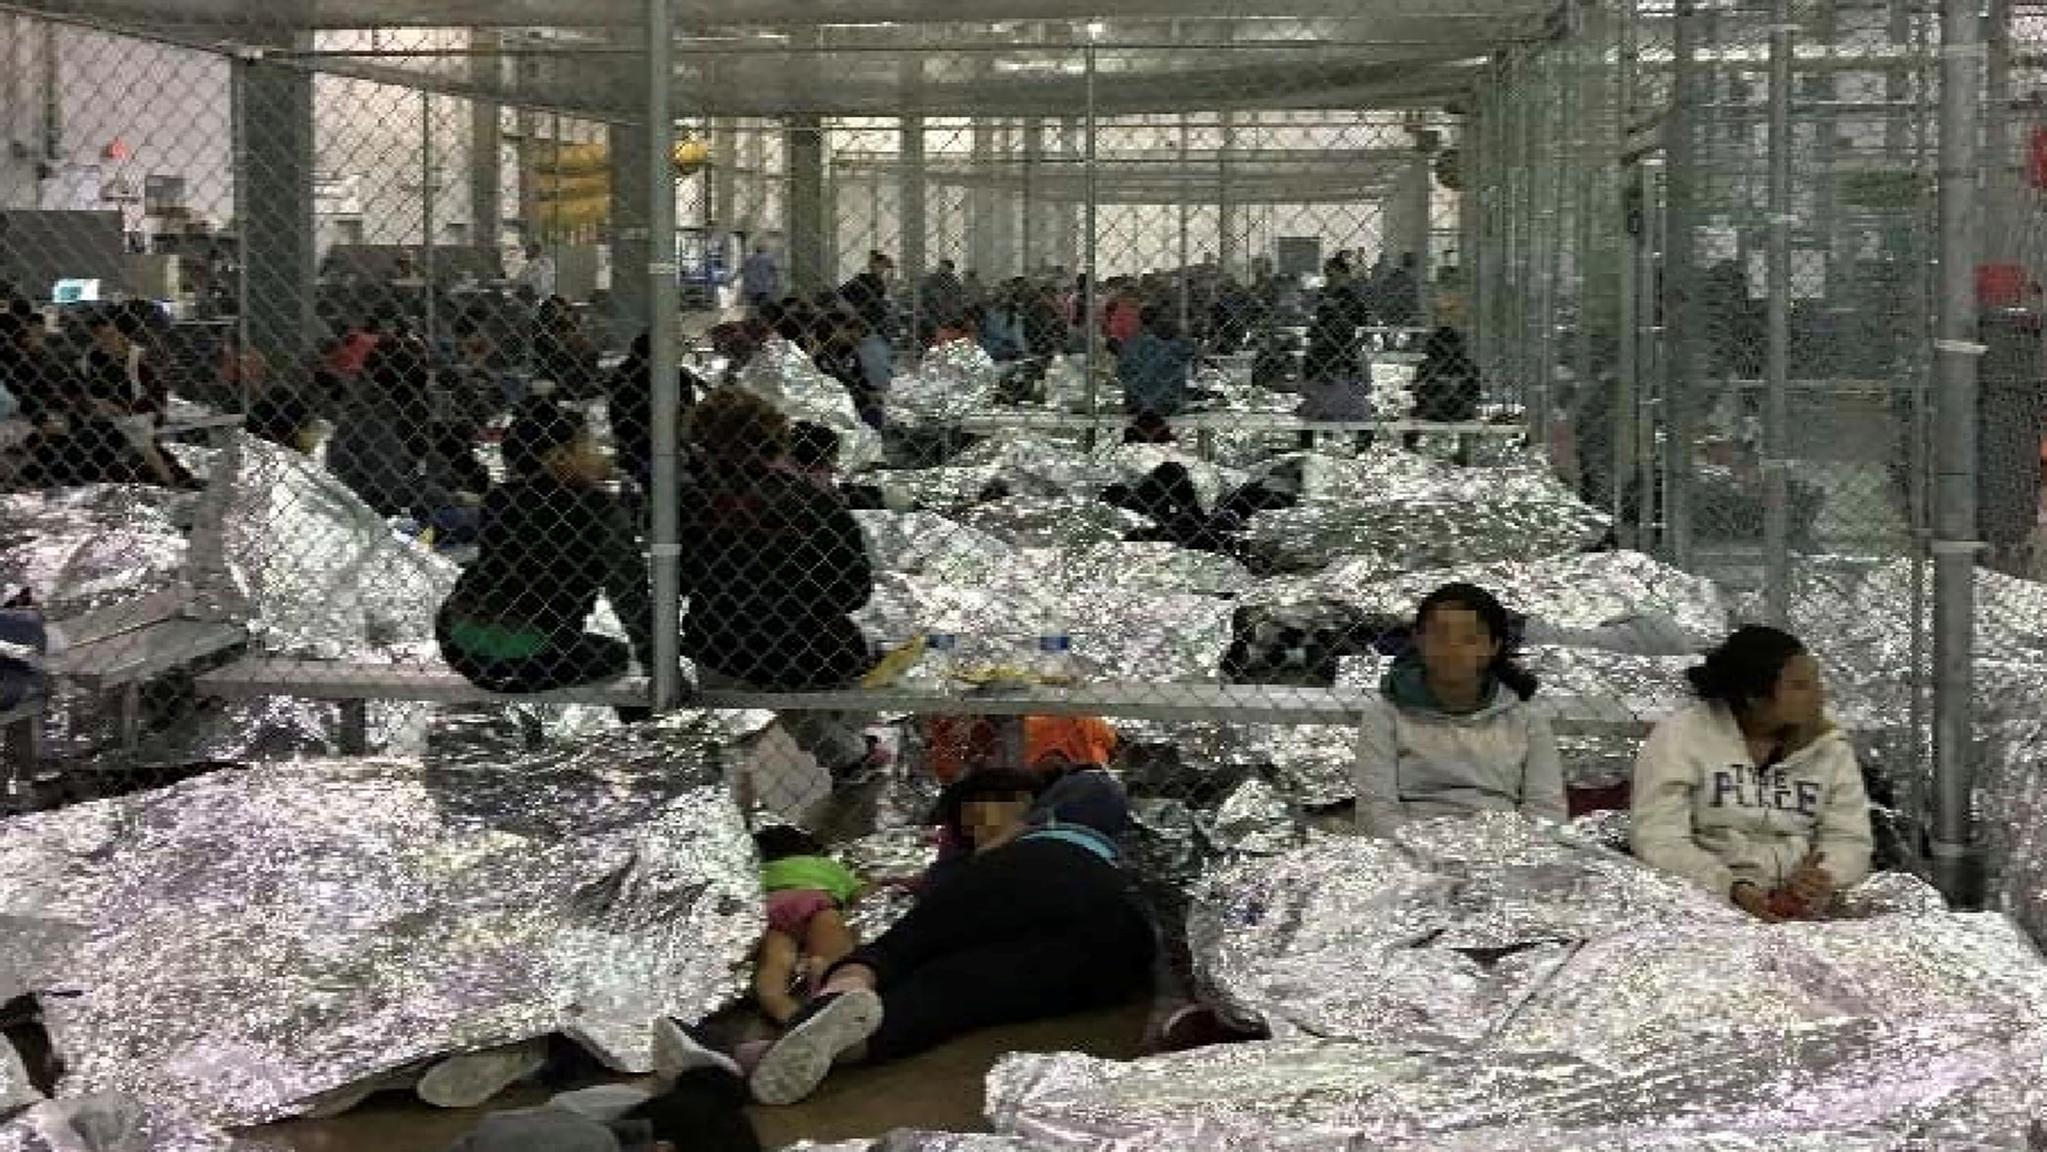 지난 6월 11일 맥칼렌의 구금시설이 이민자들로 가득하다. 한 아이와 어머니 이민자가 담요도 없이 맨 바닥에서 수면을 취하고 있다. [로이터=연합뉴스]